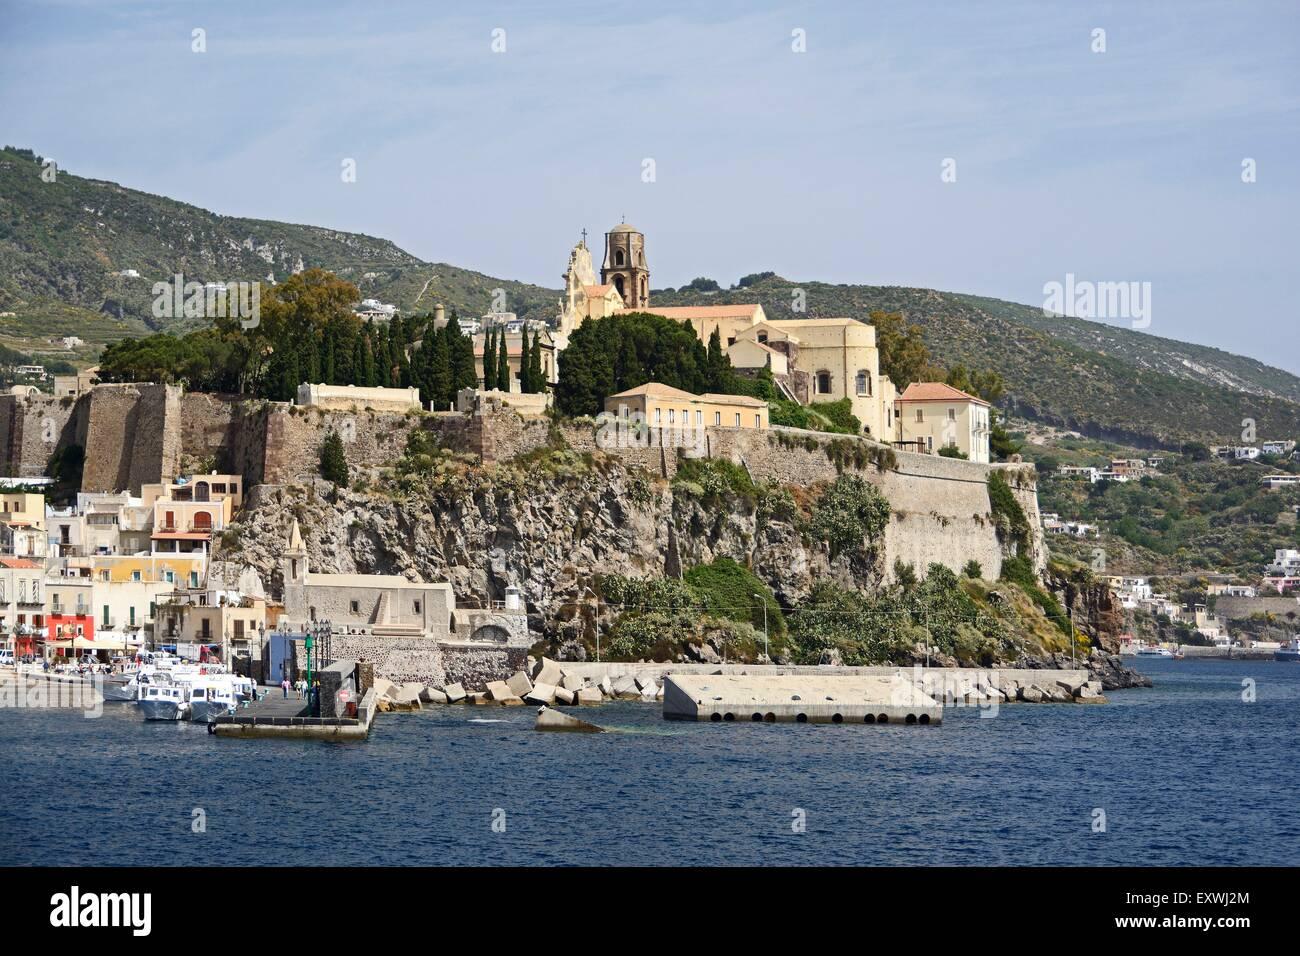 Castello, Burgberg, isole Lipari, Sicilia, Italia, Europa Immagini Stock